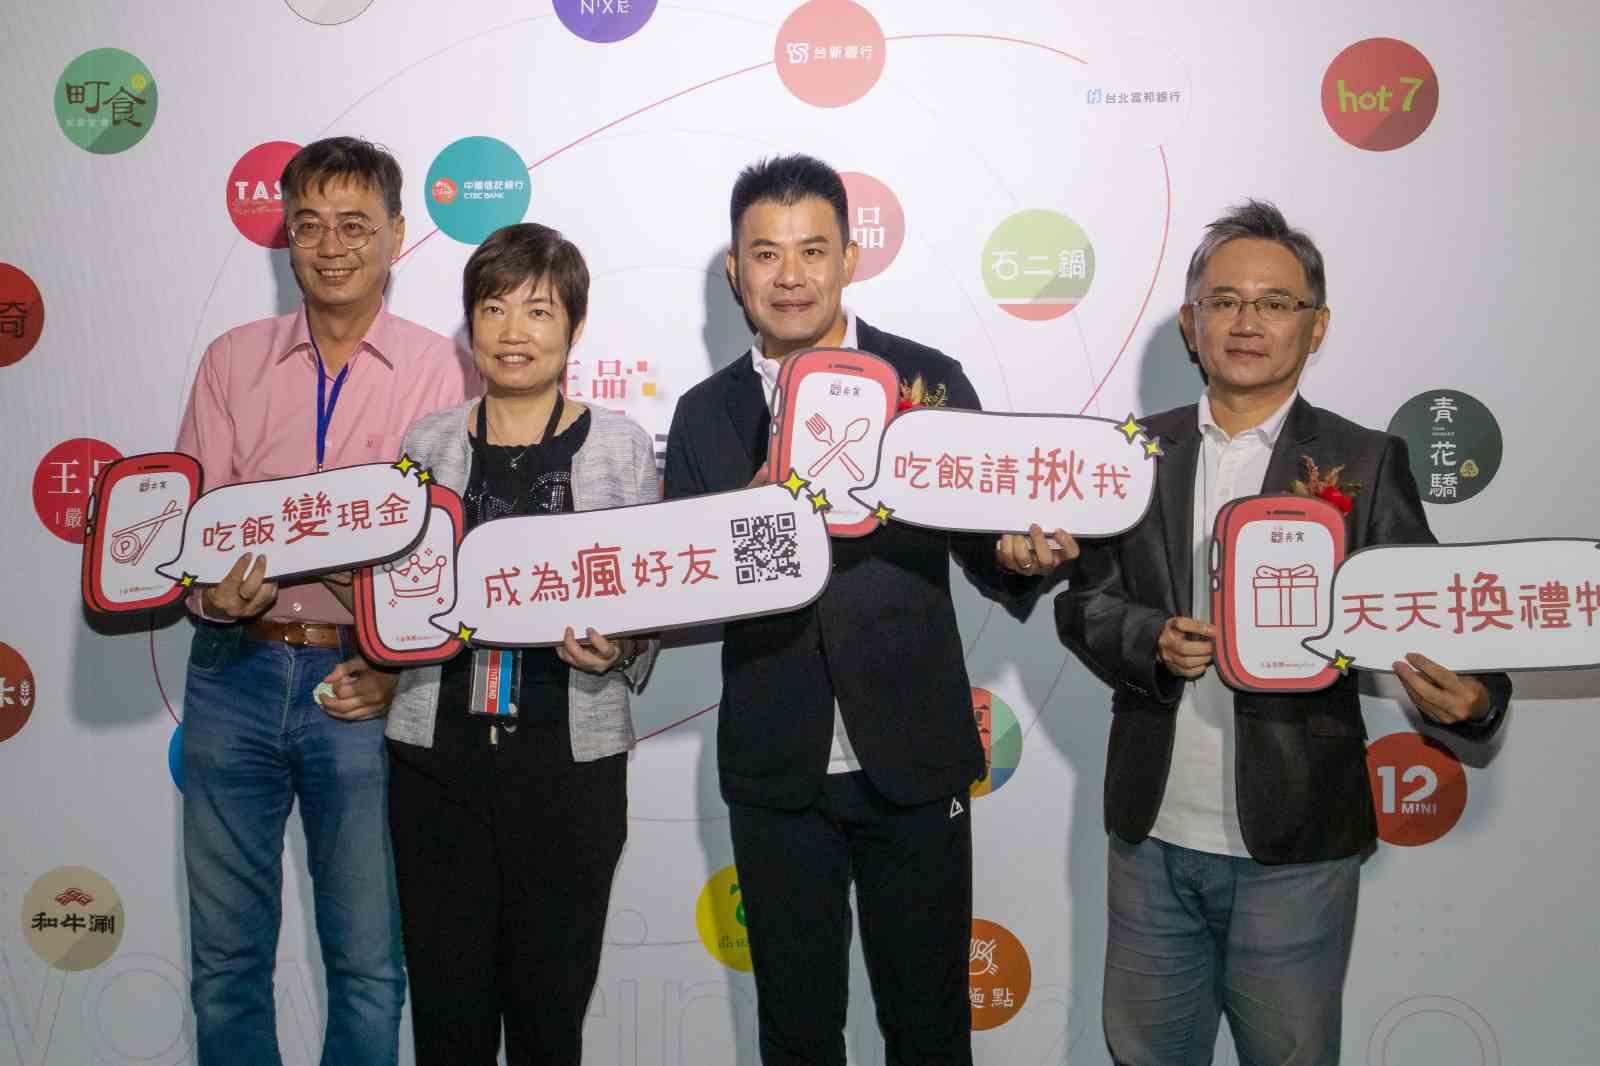 拿鐵寄杯背後的數位轉型心法 為何臺灣7成服務業還做不到?|天下雜誌